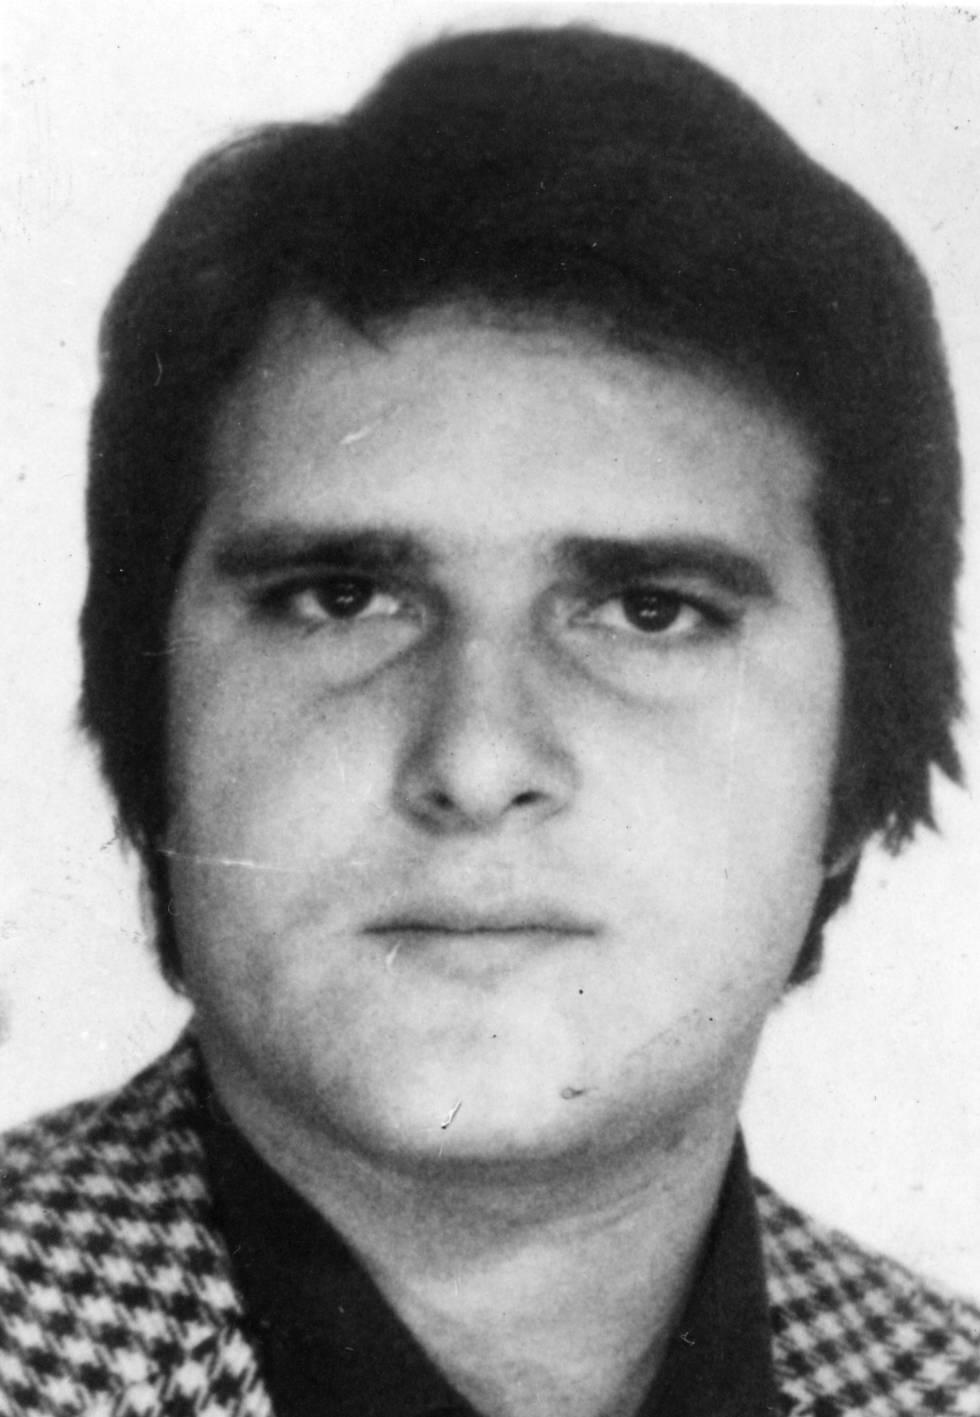 Crímenes fascistas en la Transición. José Ignacio Fernández Guaza, otro fascista impune desde 1977. [HistoriaC] 1485529062_409006_1485553137_sumario_normal